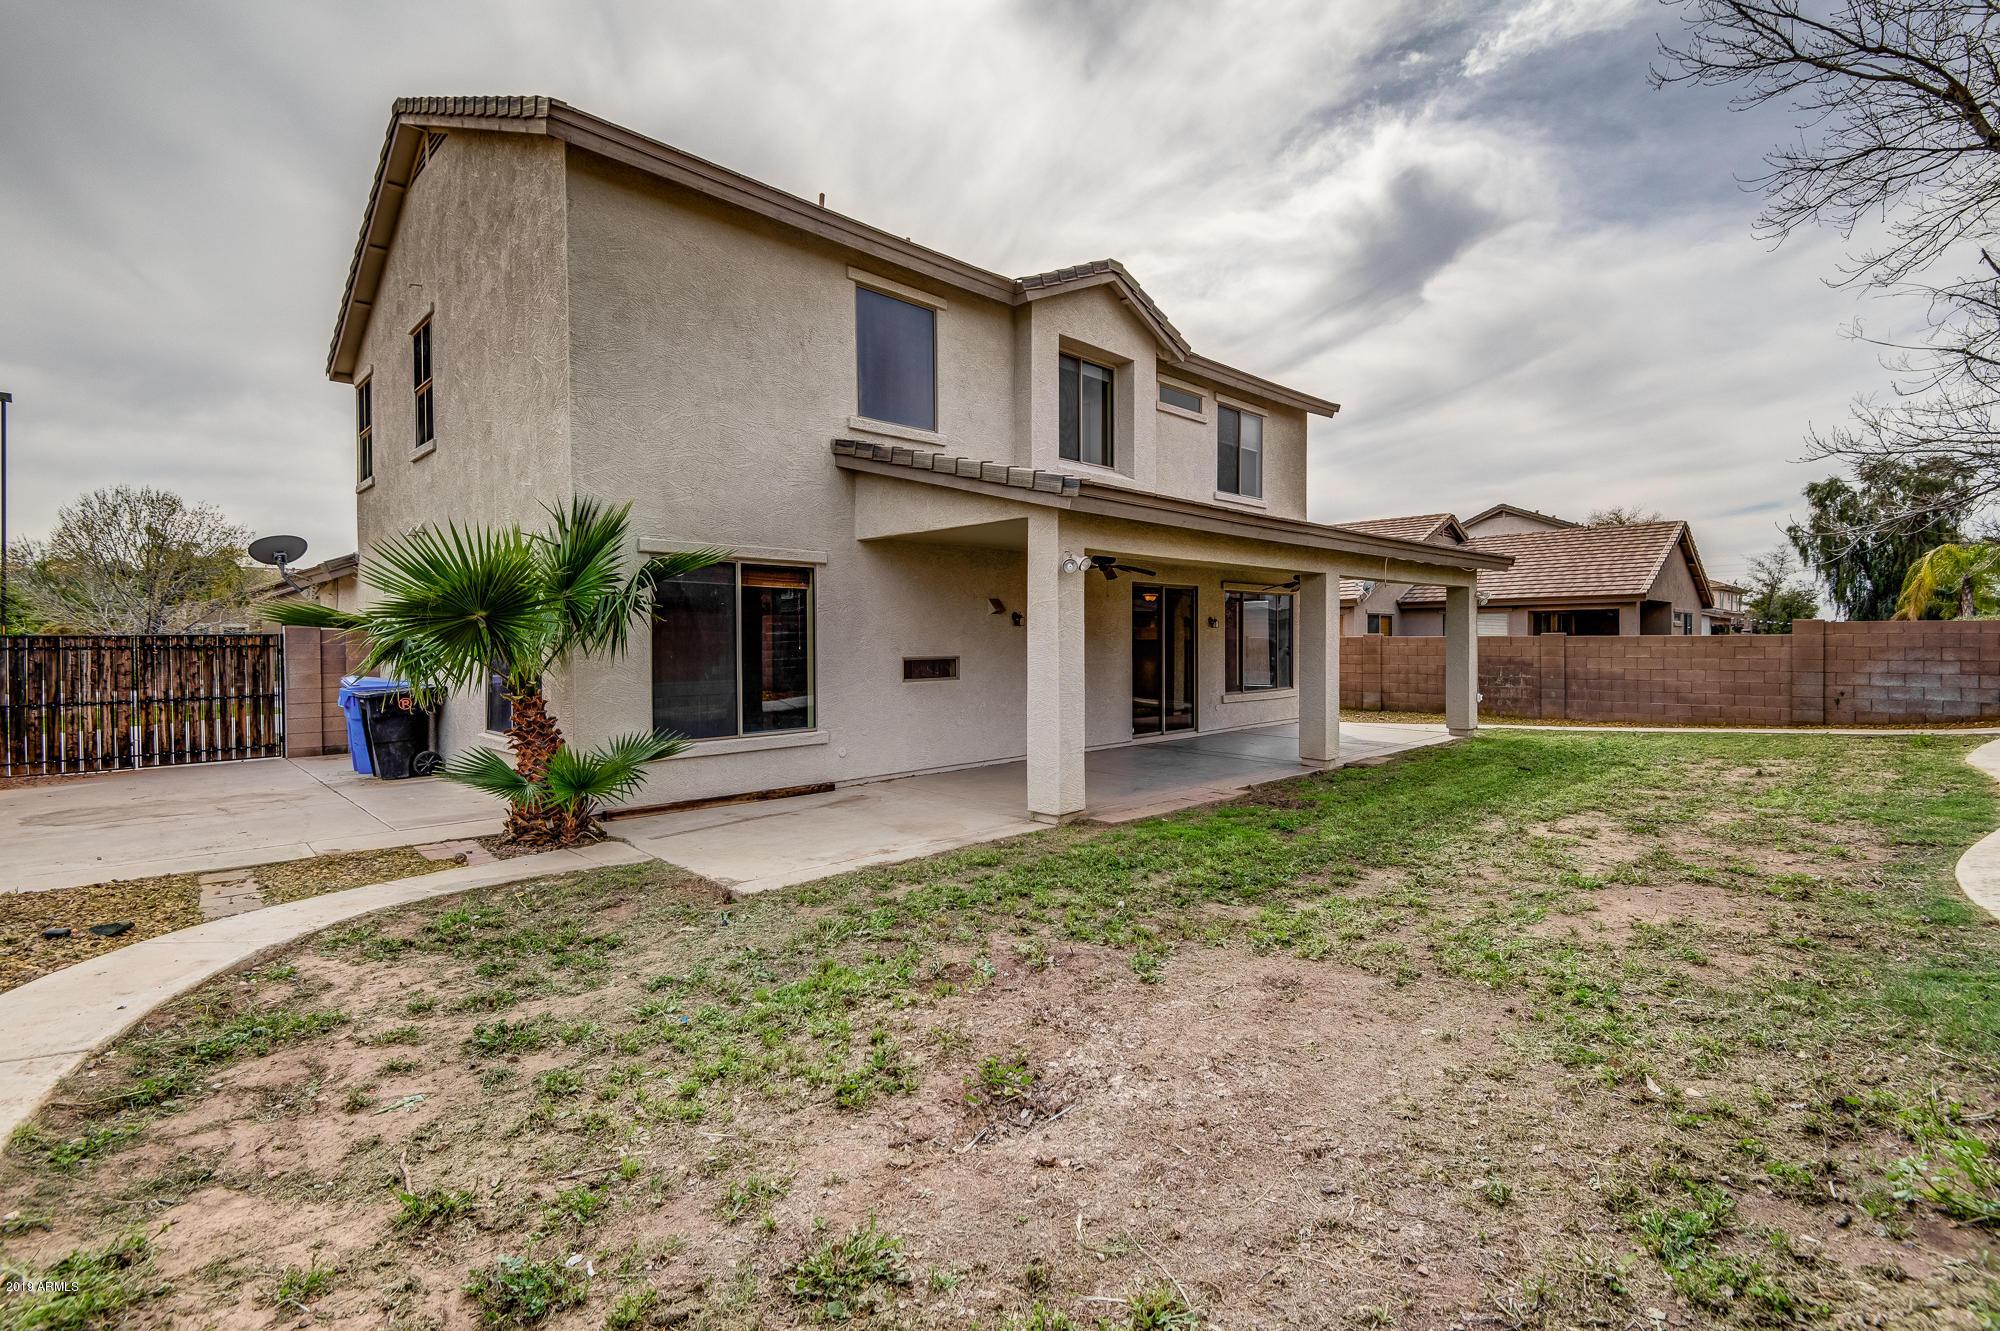 MLS 5897270 4084 E DUBLIN Street, Gilbert, AZ 85295 Gilbert AZ Ashland Ranch